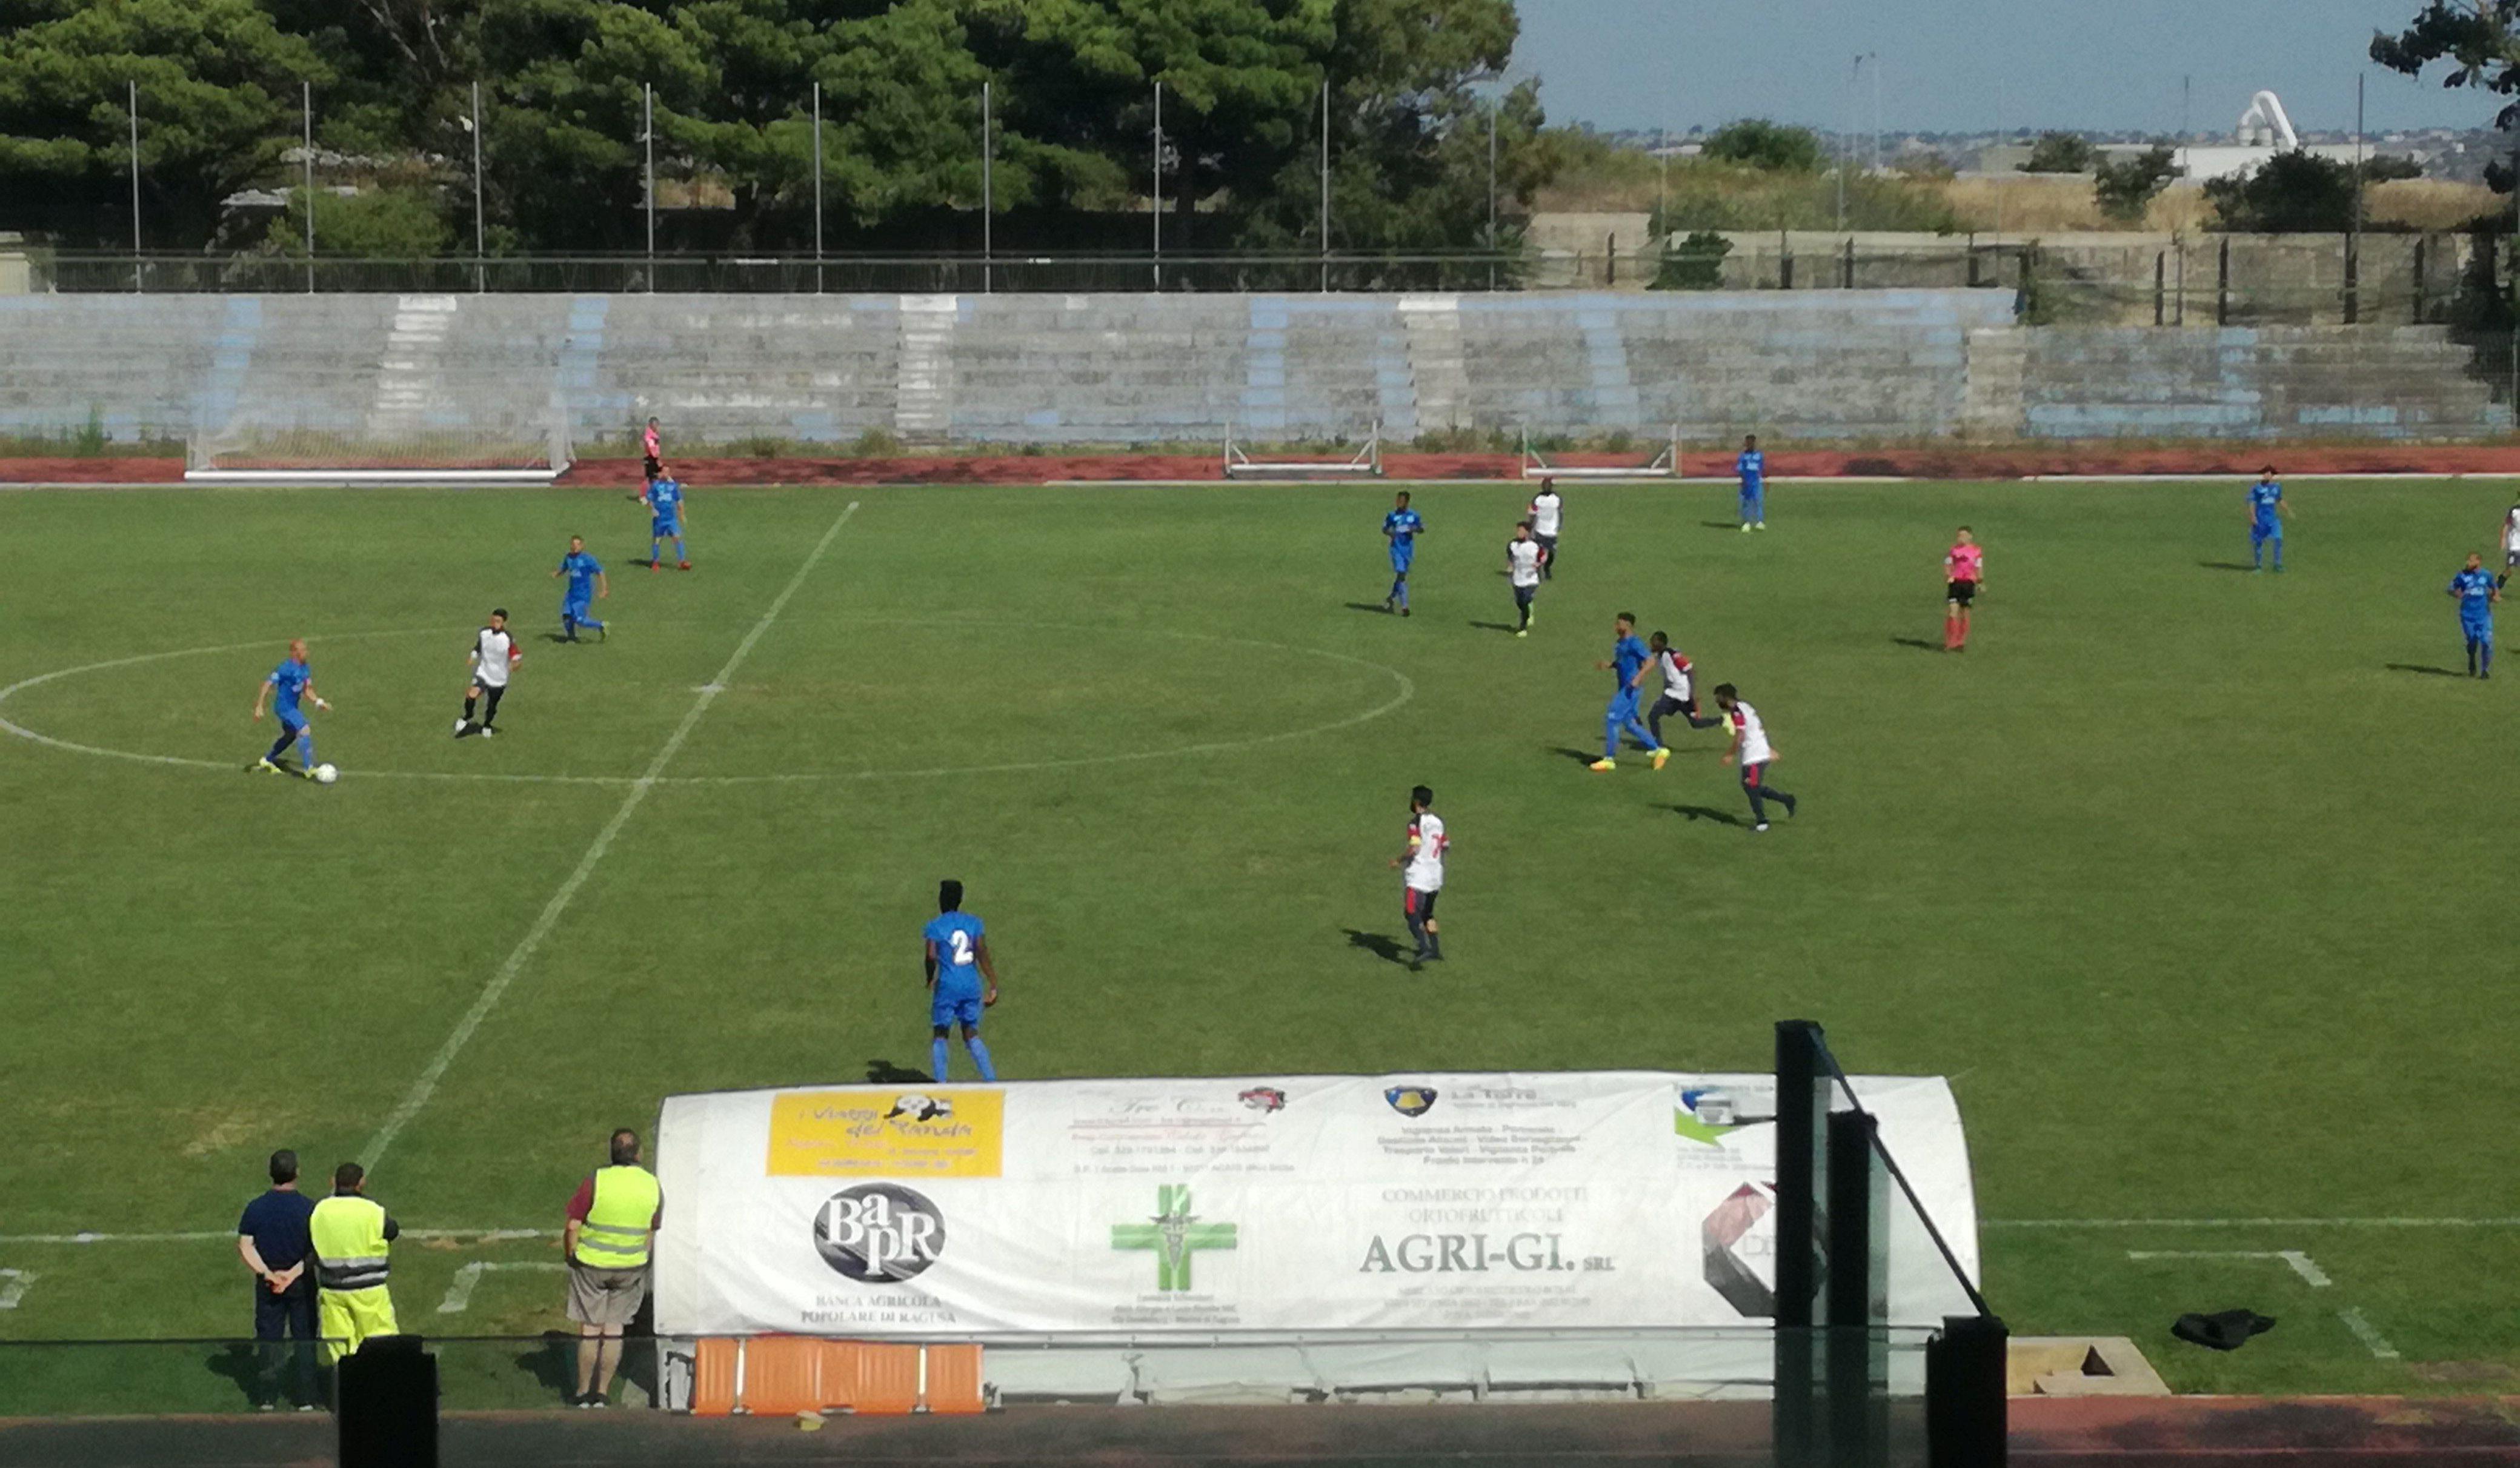 Calcio, domenica c'è il derby: Marina-Santa Croce in diretta Facebook alle 14.30